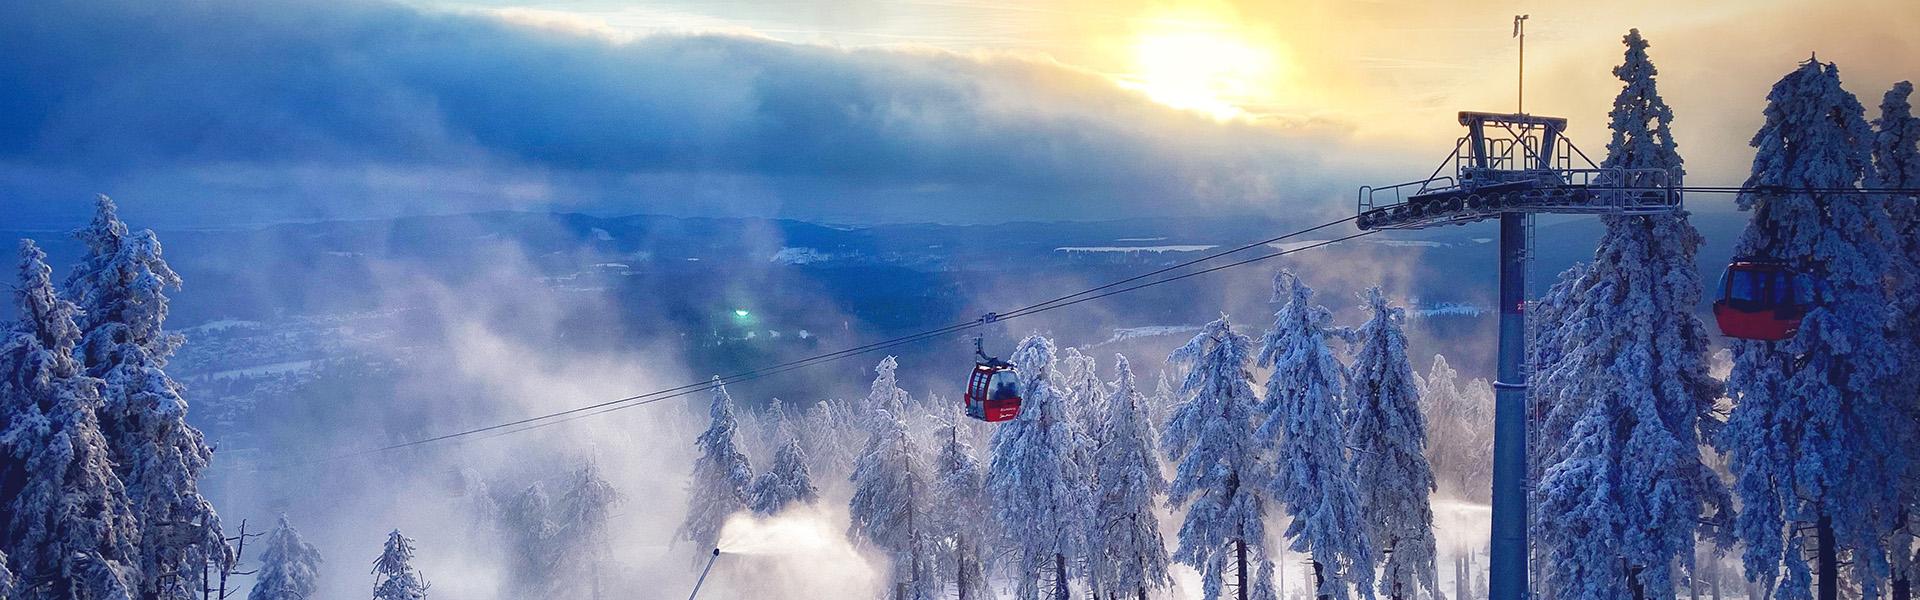 Sonnenuntergang im Harz im Winter